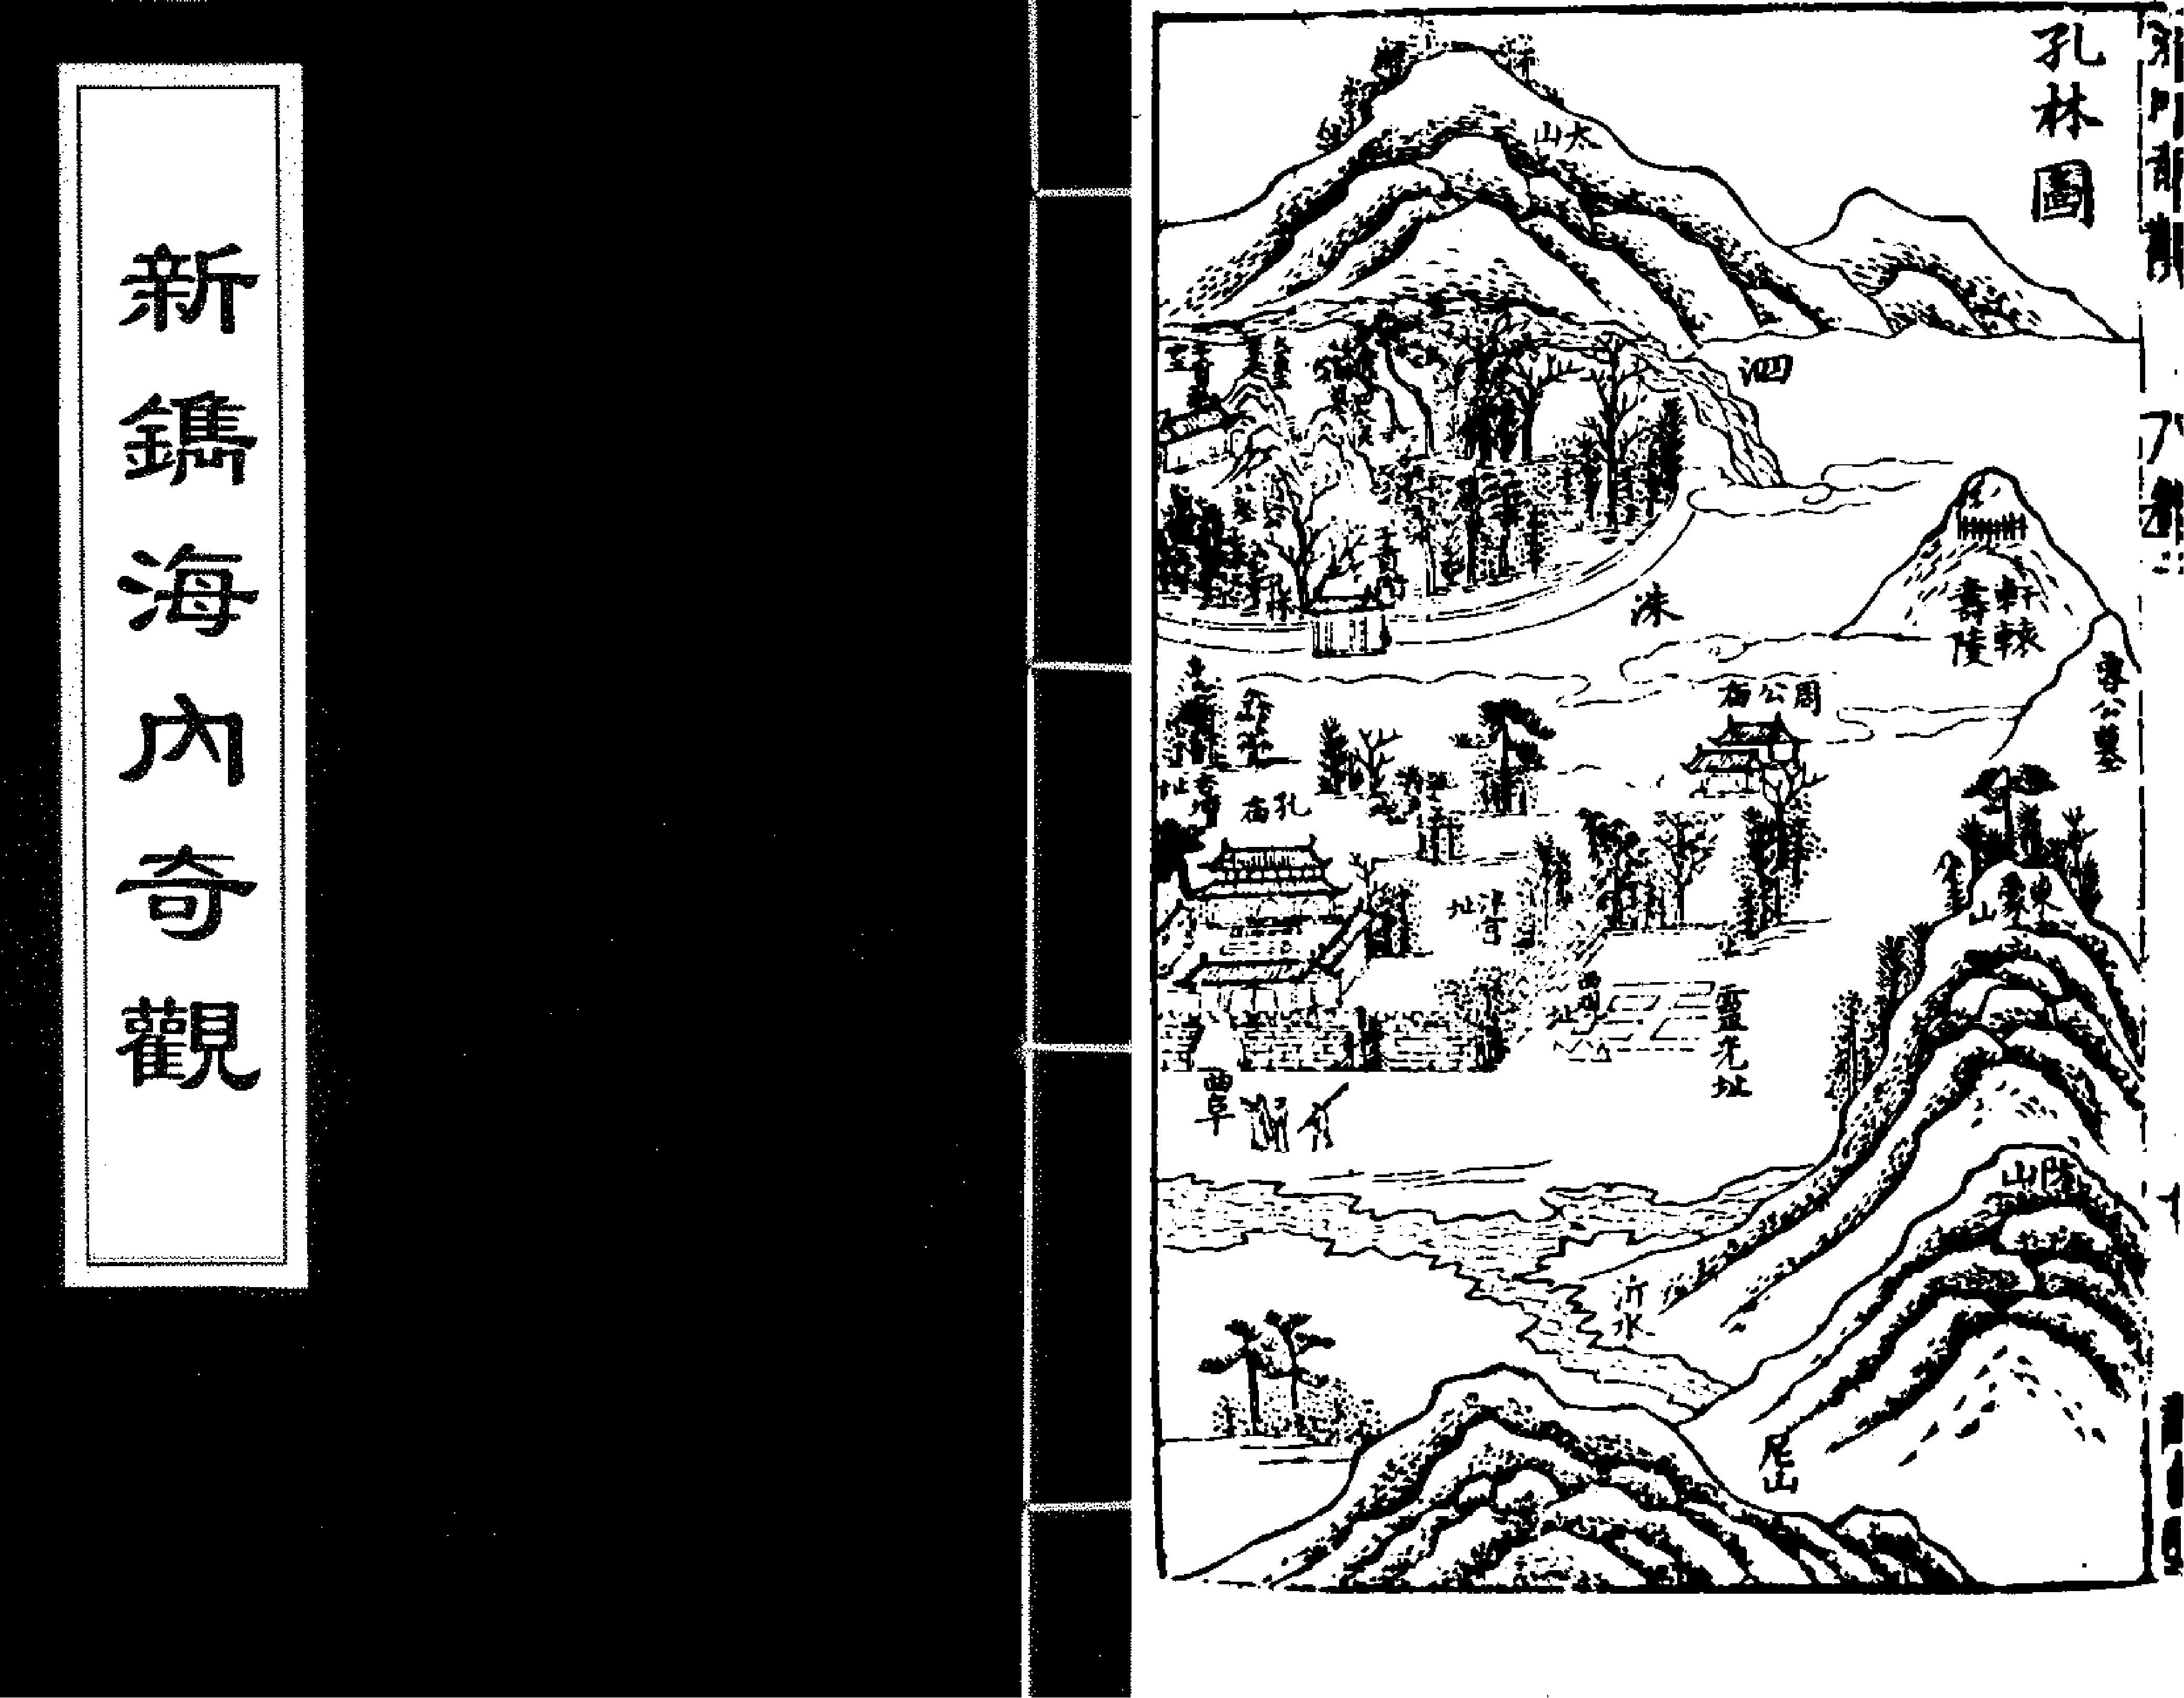 明代楊爾曾的旅遊書《新鐫海內奇觀》,不只透過文字描繪遊覽心得,也畫出具象的風景引人嚮往,筆法有別於強調意象的文人山水畫。圖│中國哲學書電子化計劃